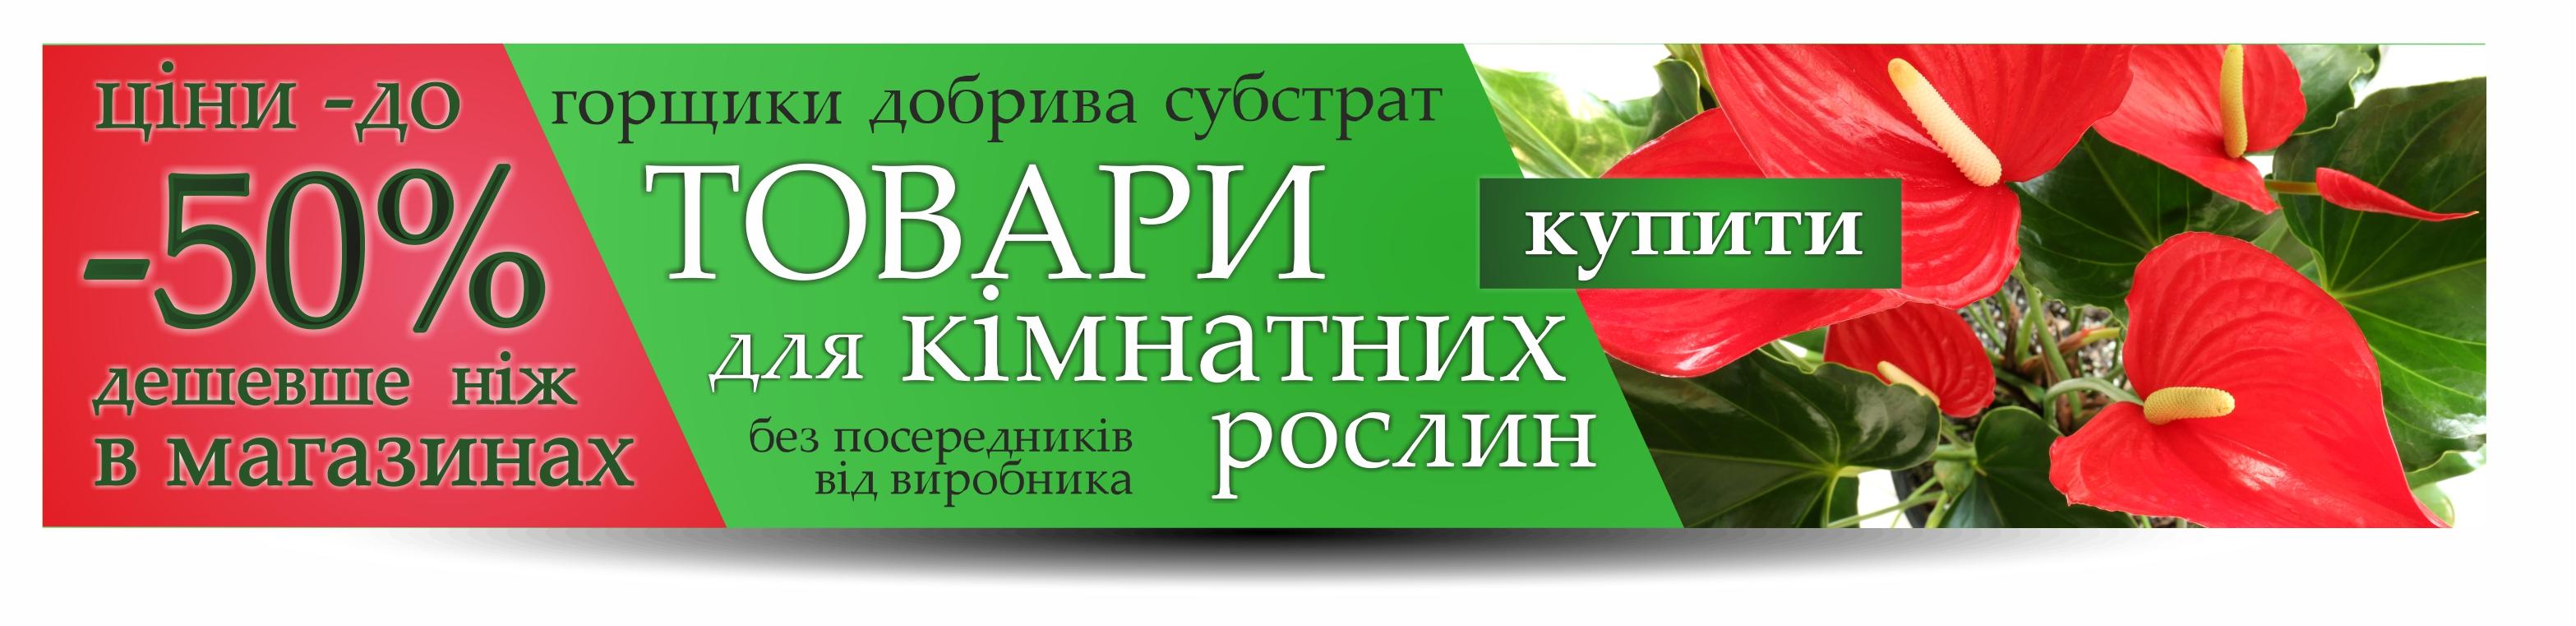 Купить товары по уходу за растениями